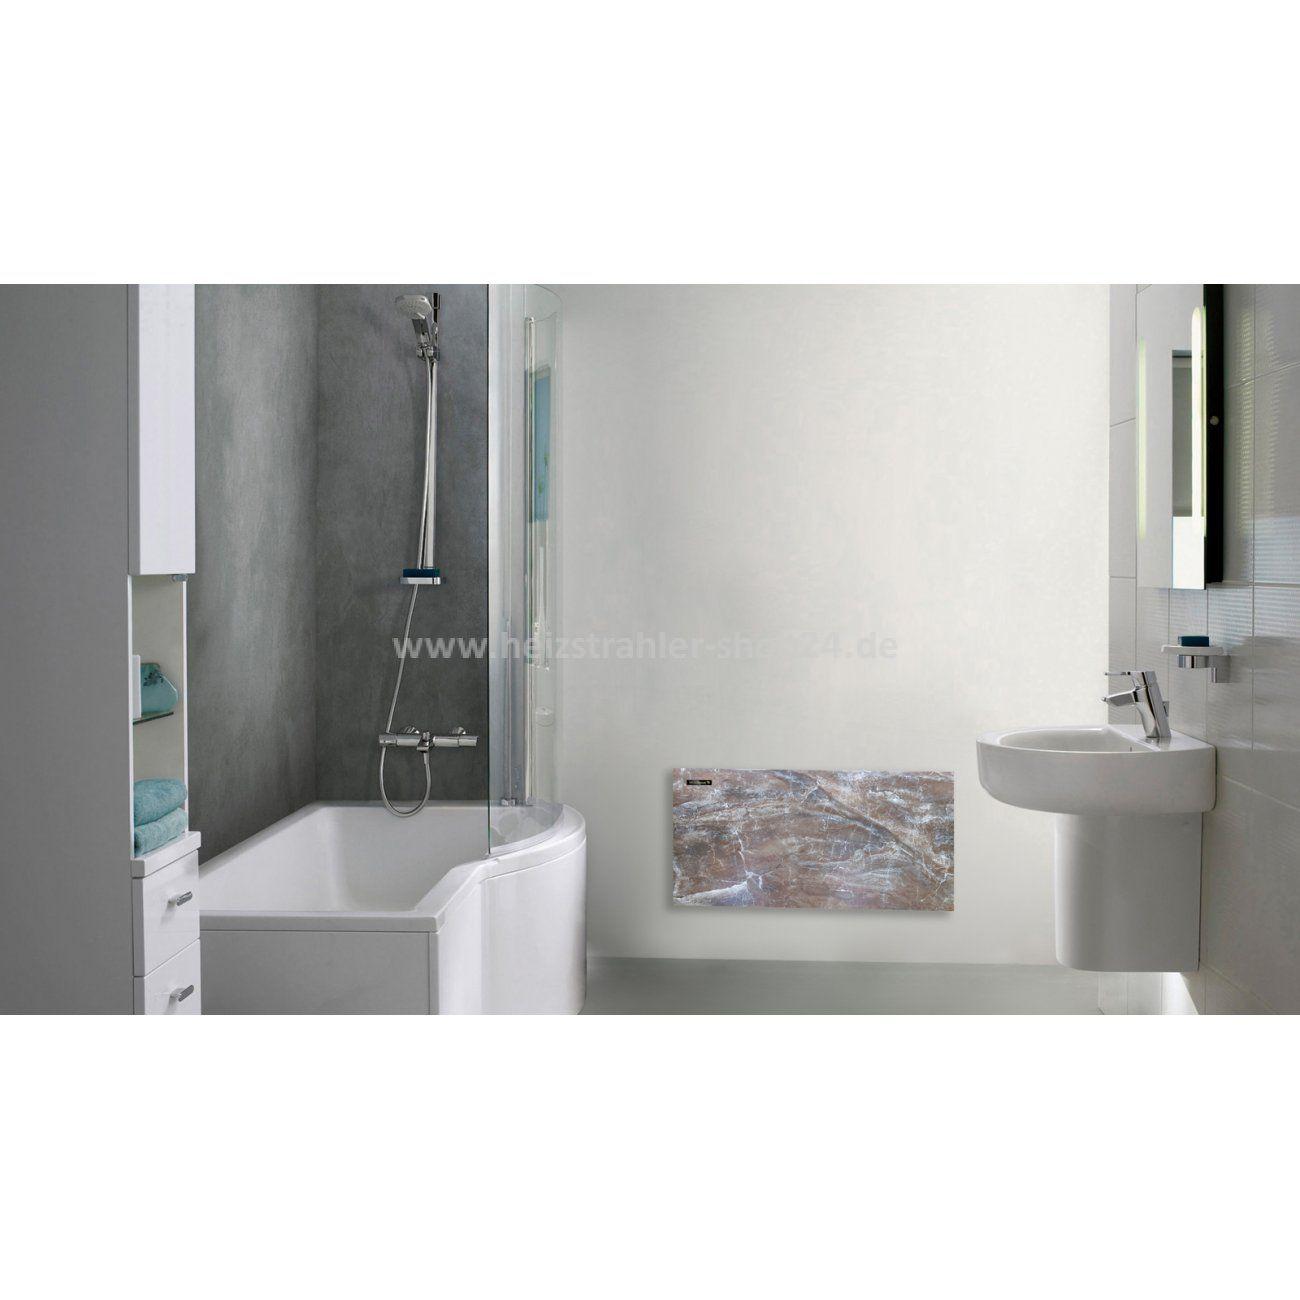 Naturstein Infrarotheizung Fur Das Badezimmer Von Infralia Natural Stone Infrared Heater For The Bathroom Infrarotheizung Heizung Badezimmer